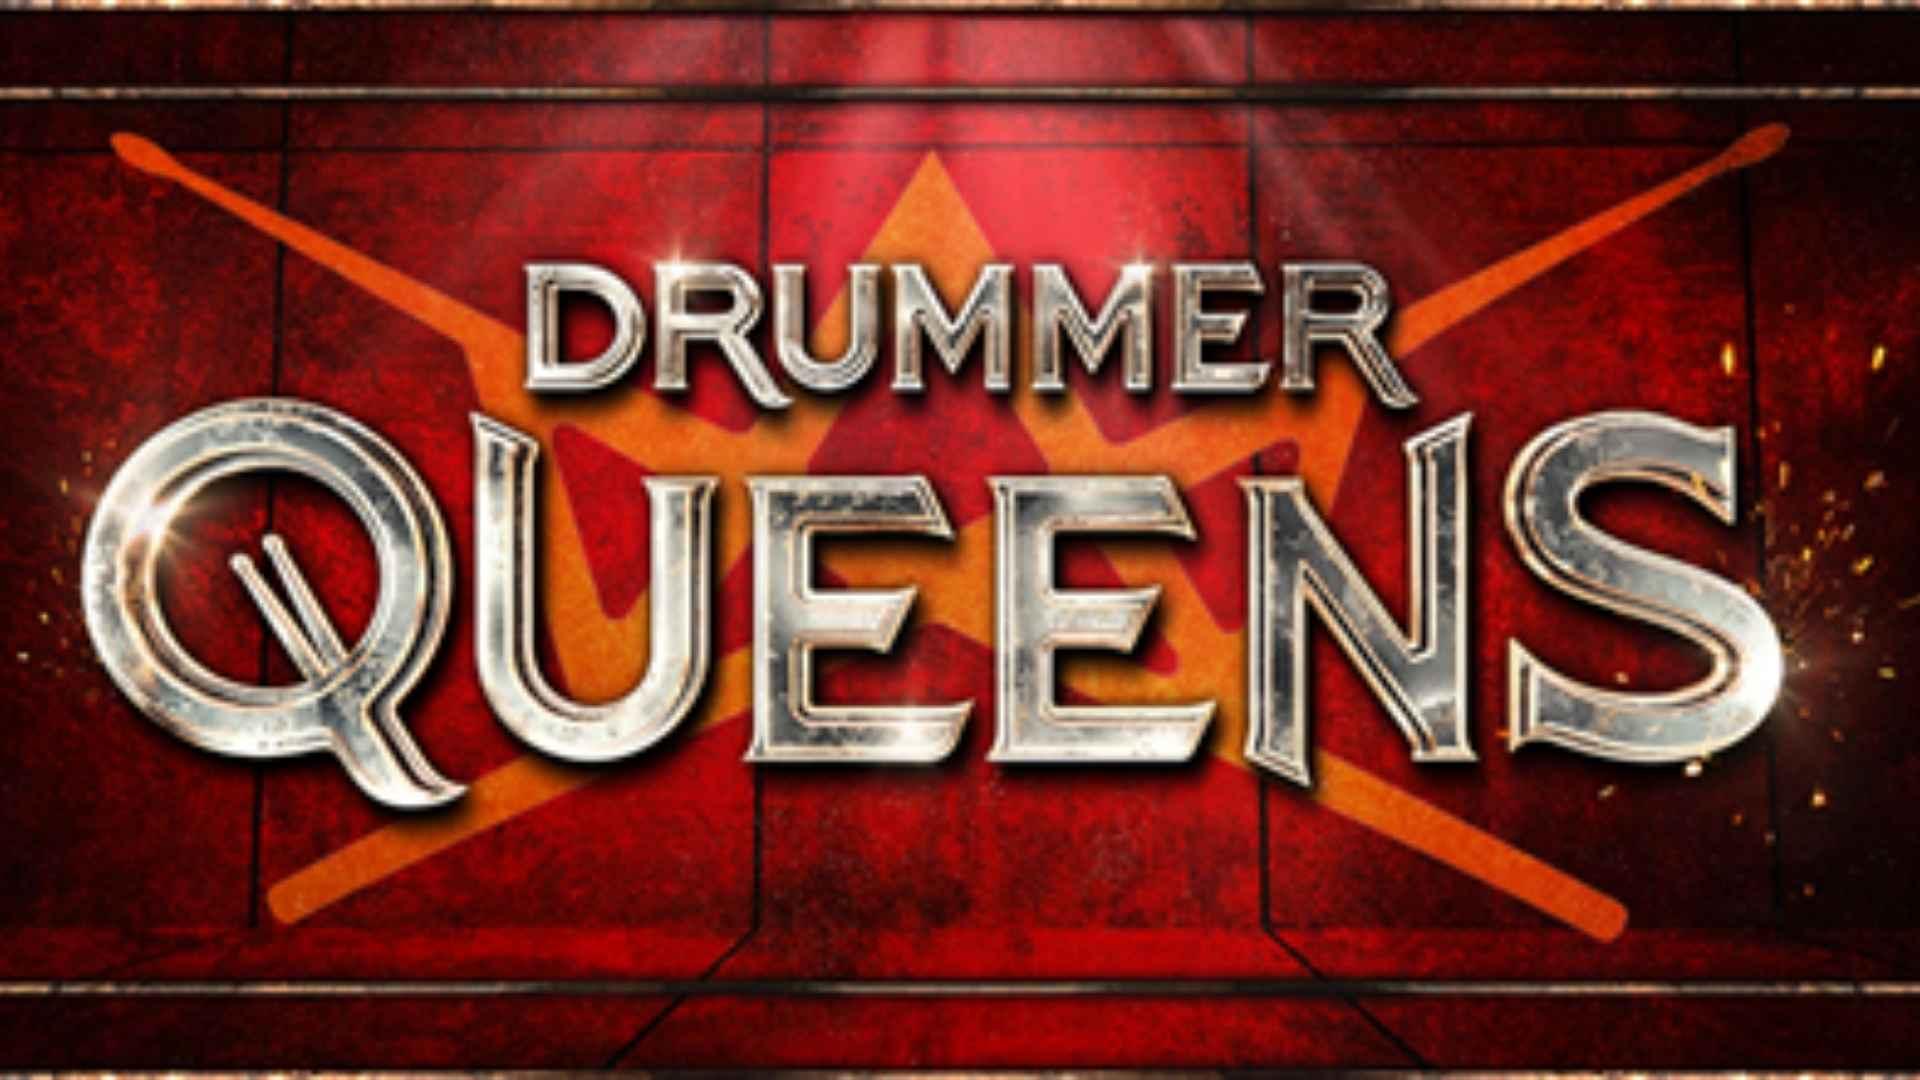 Drummer-queens